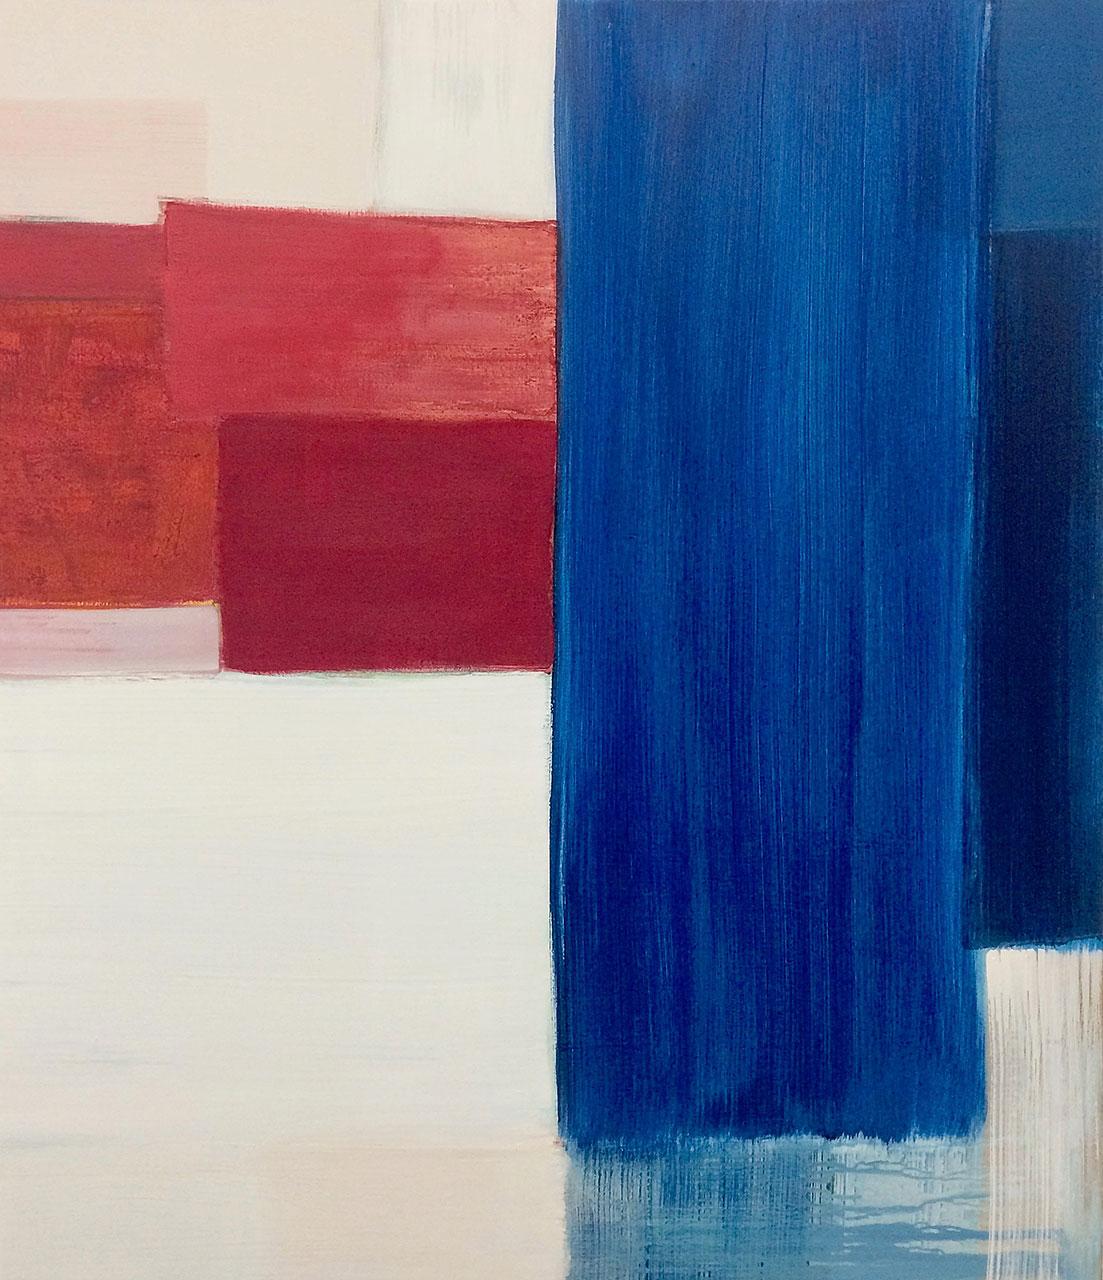 abstraktes Bild, weiß, rot, blau